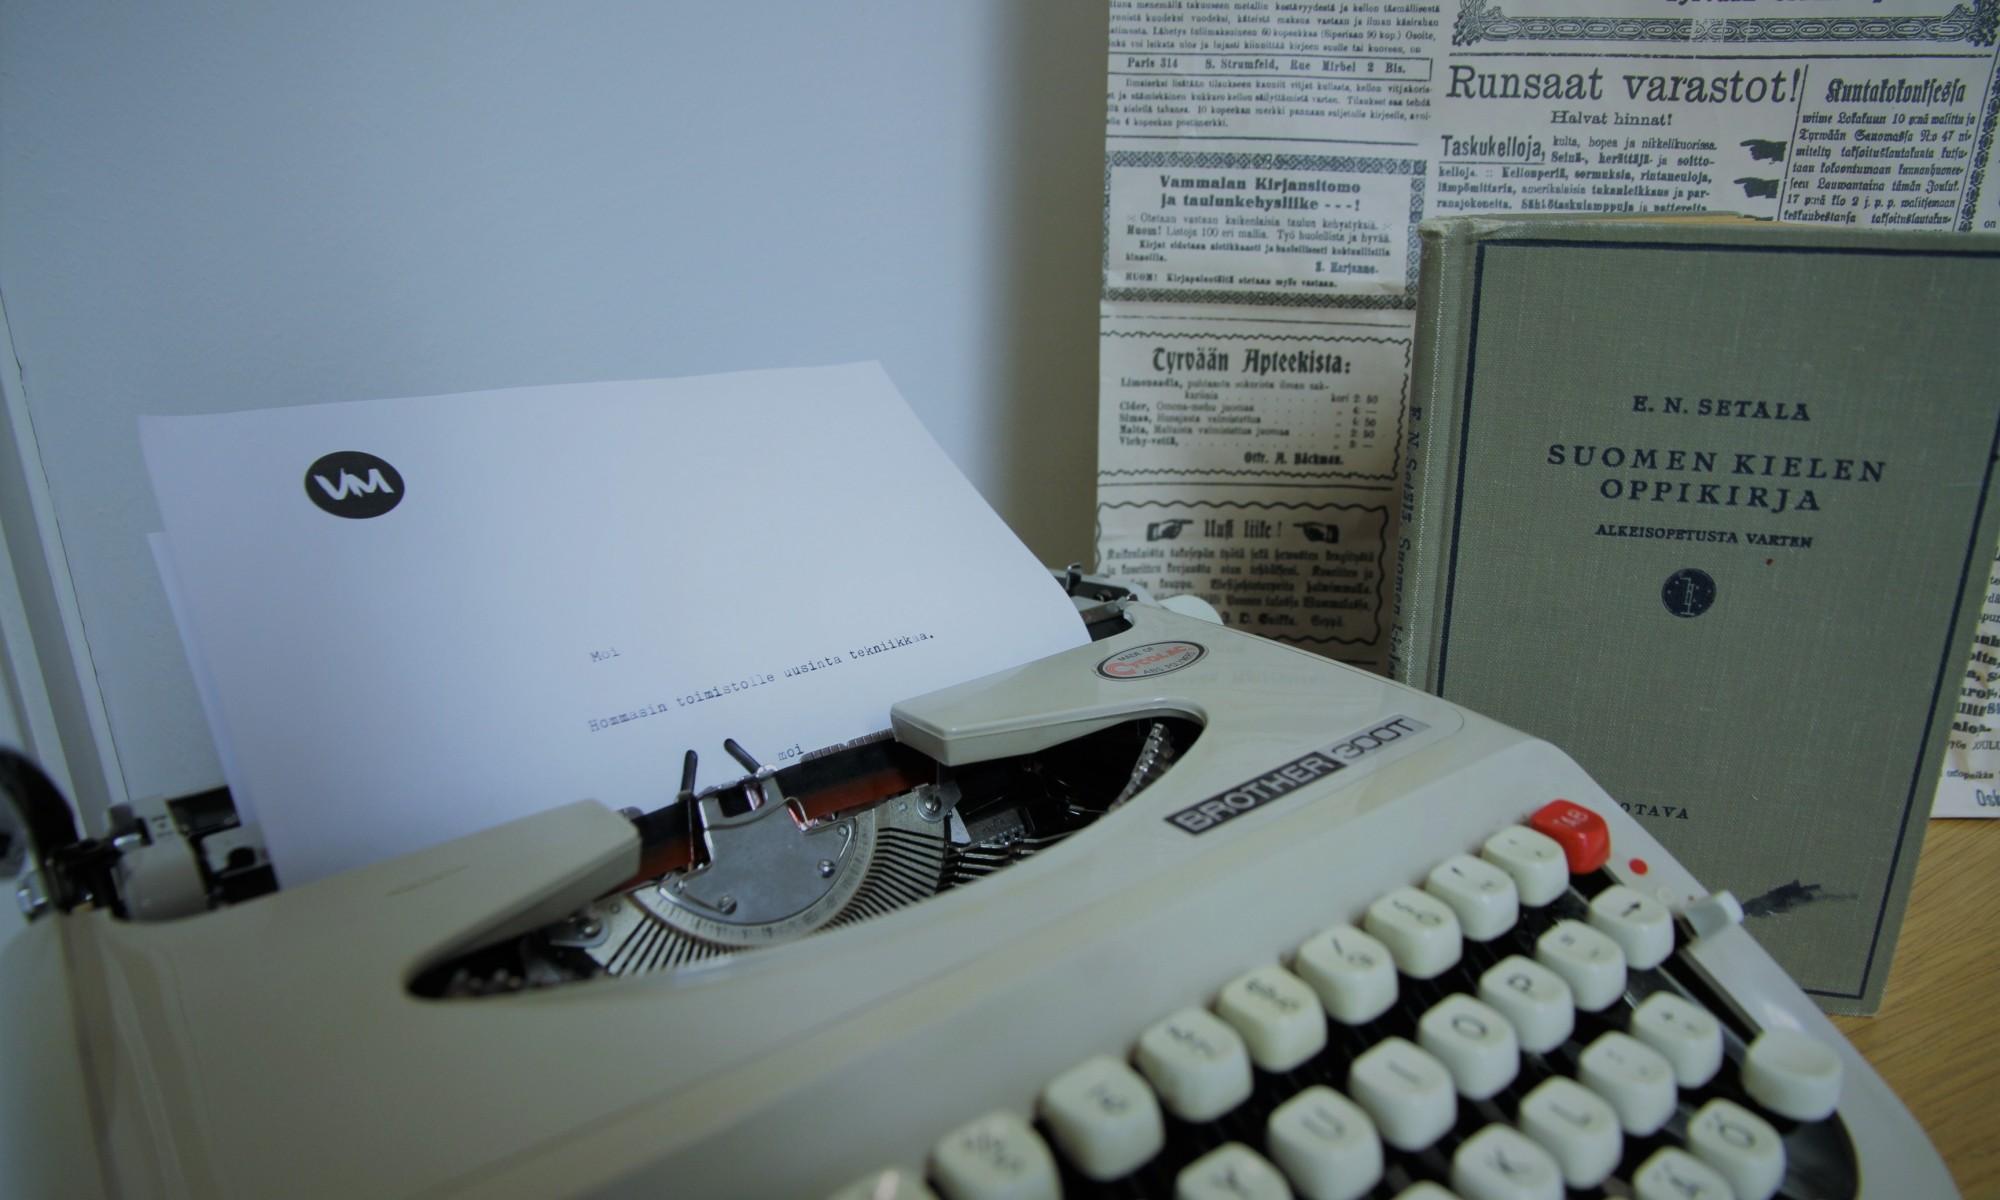 kirjoituskone suomen kielen oppikirja